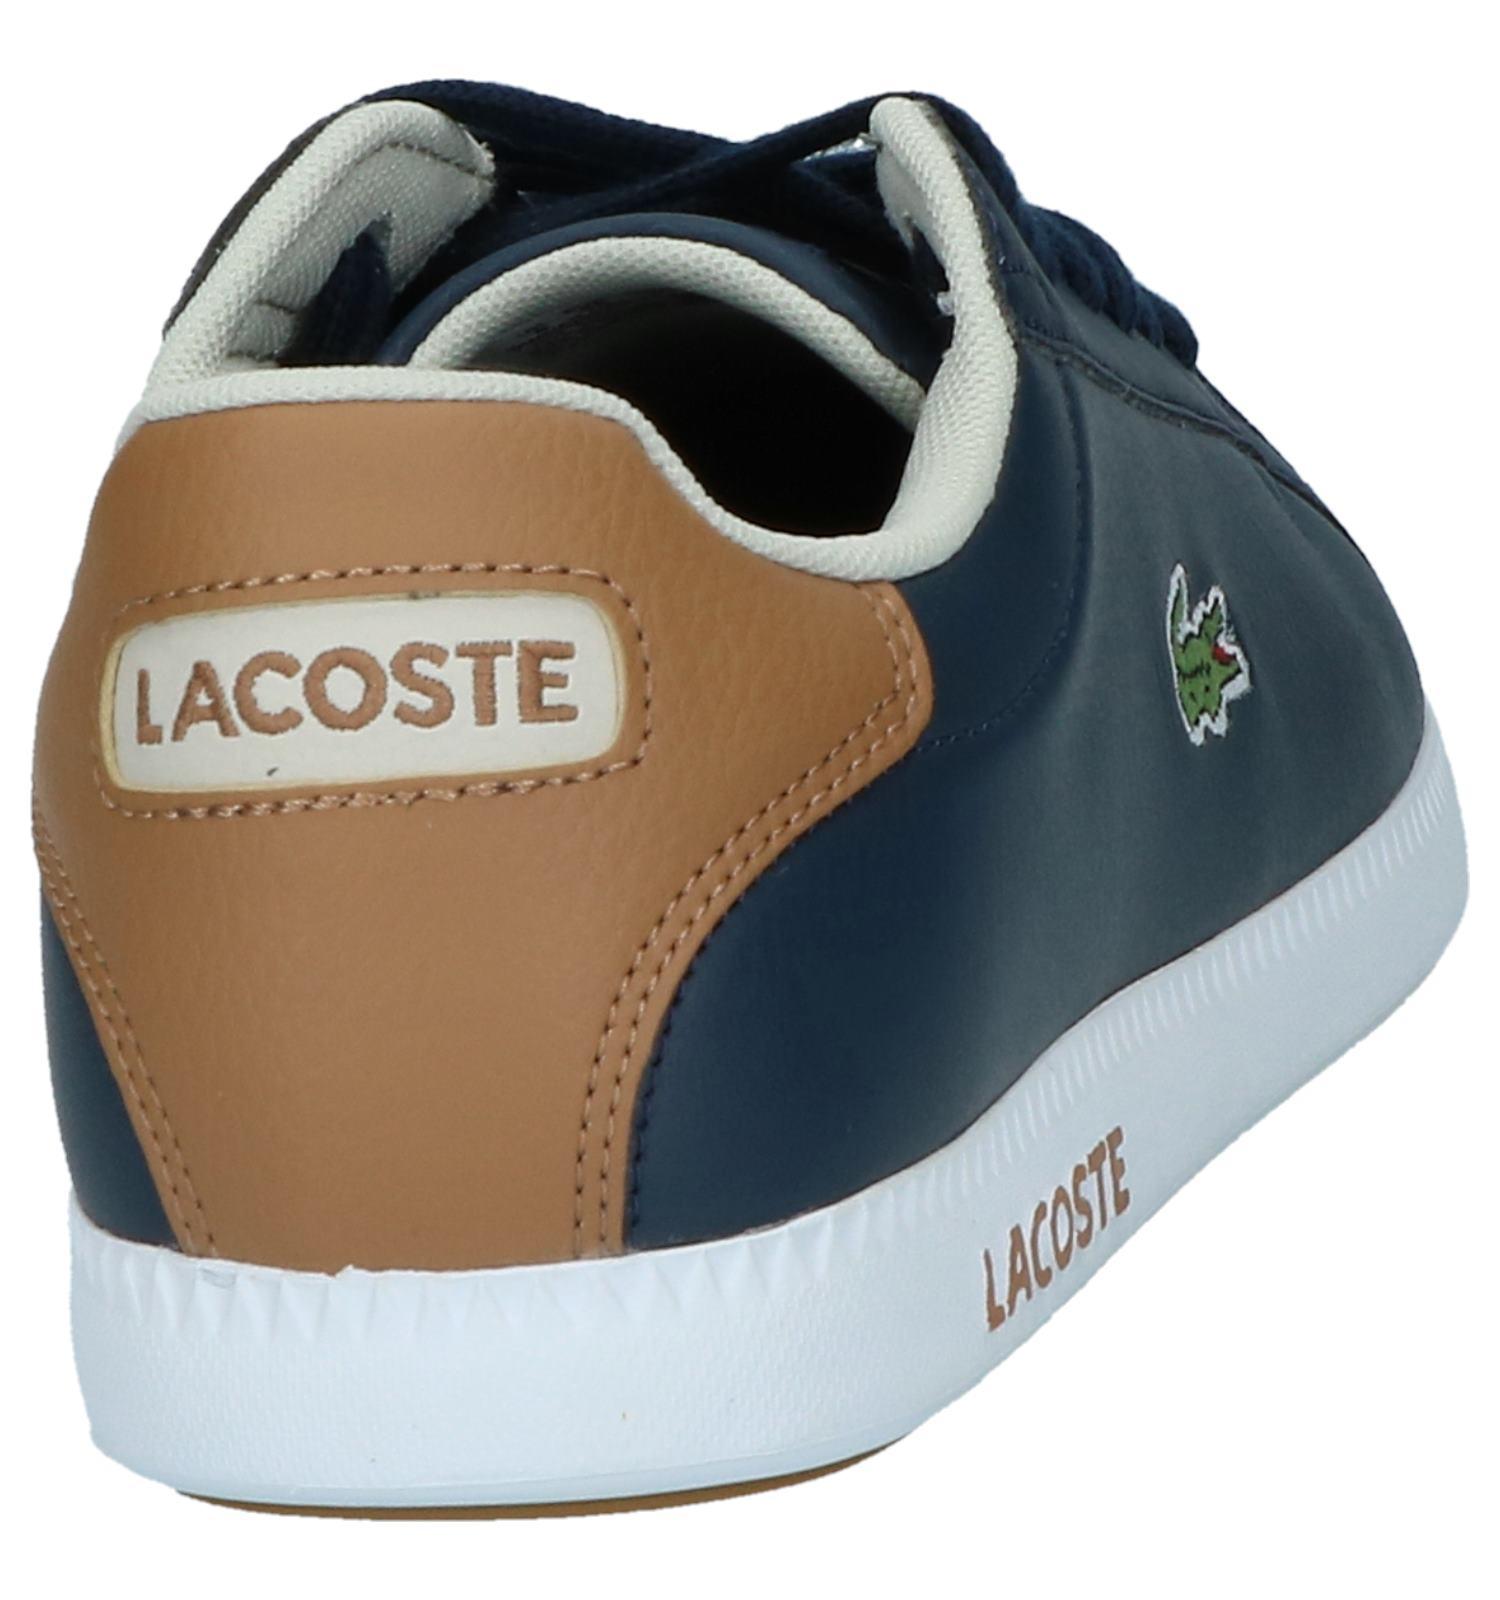 bleu Foncé Et Sneakers Torfs Lacoste Livraison be Basses qtHBnE